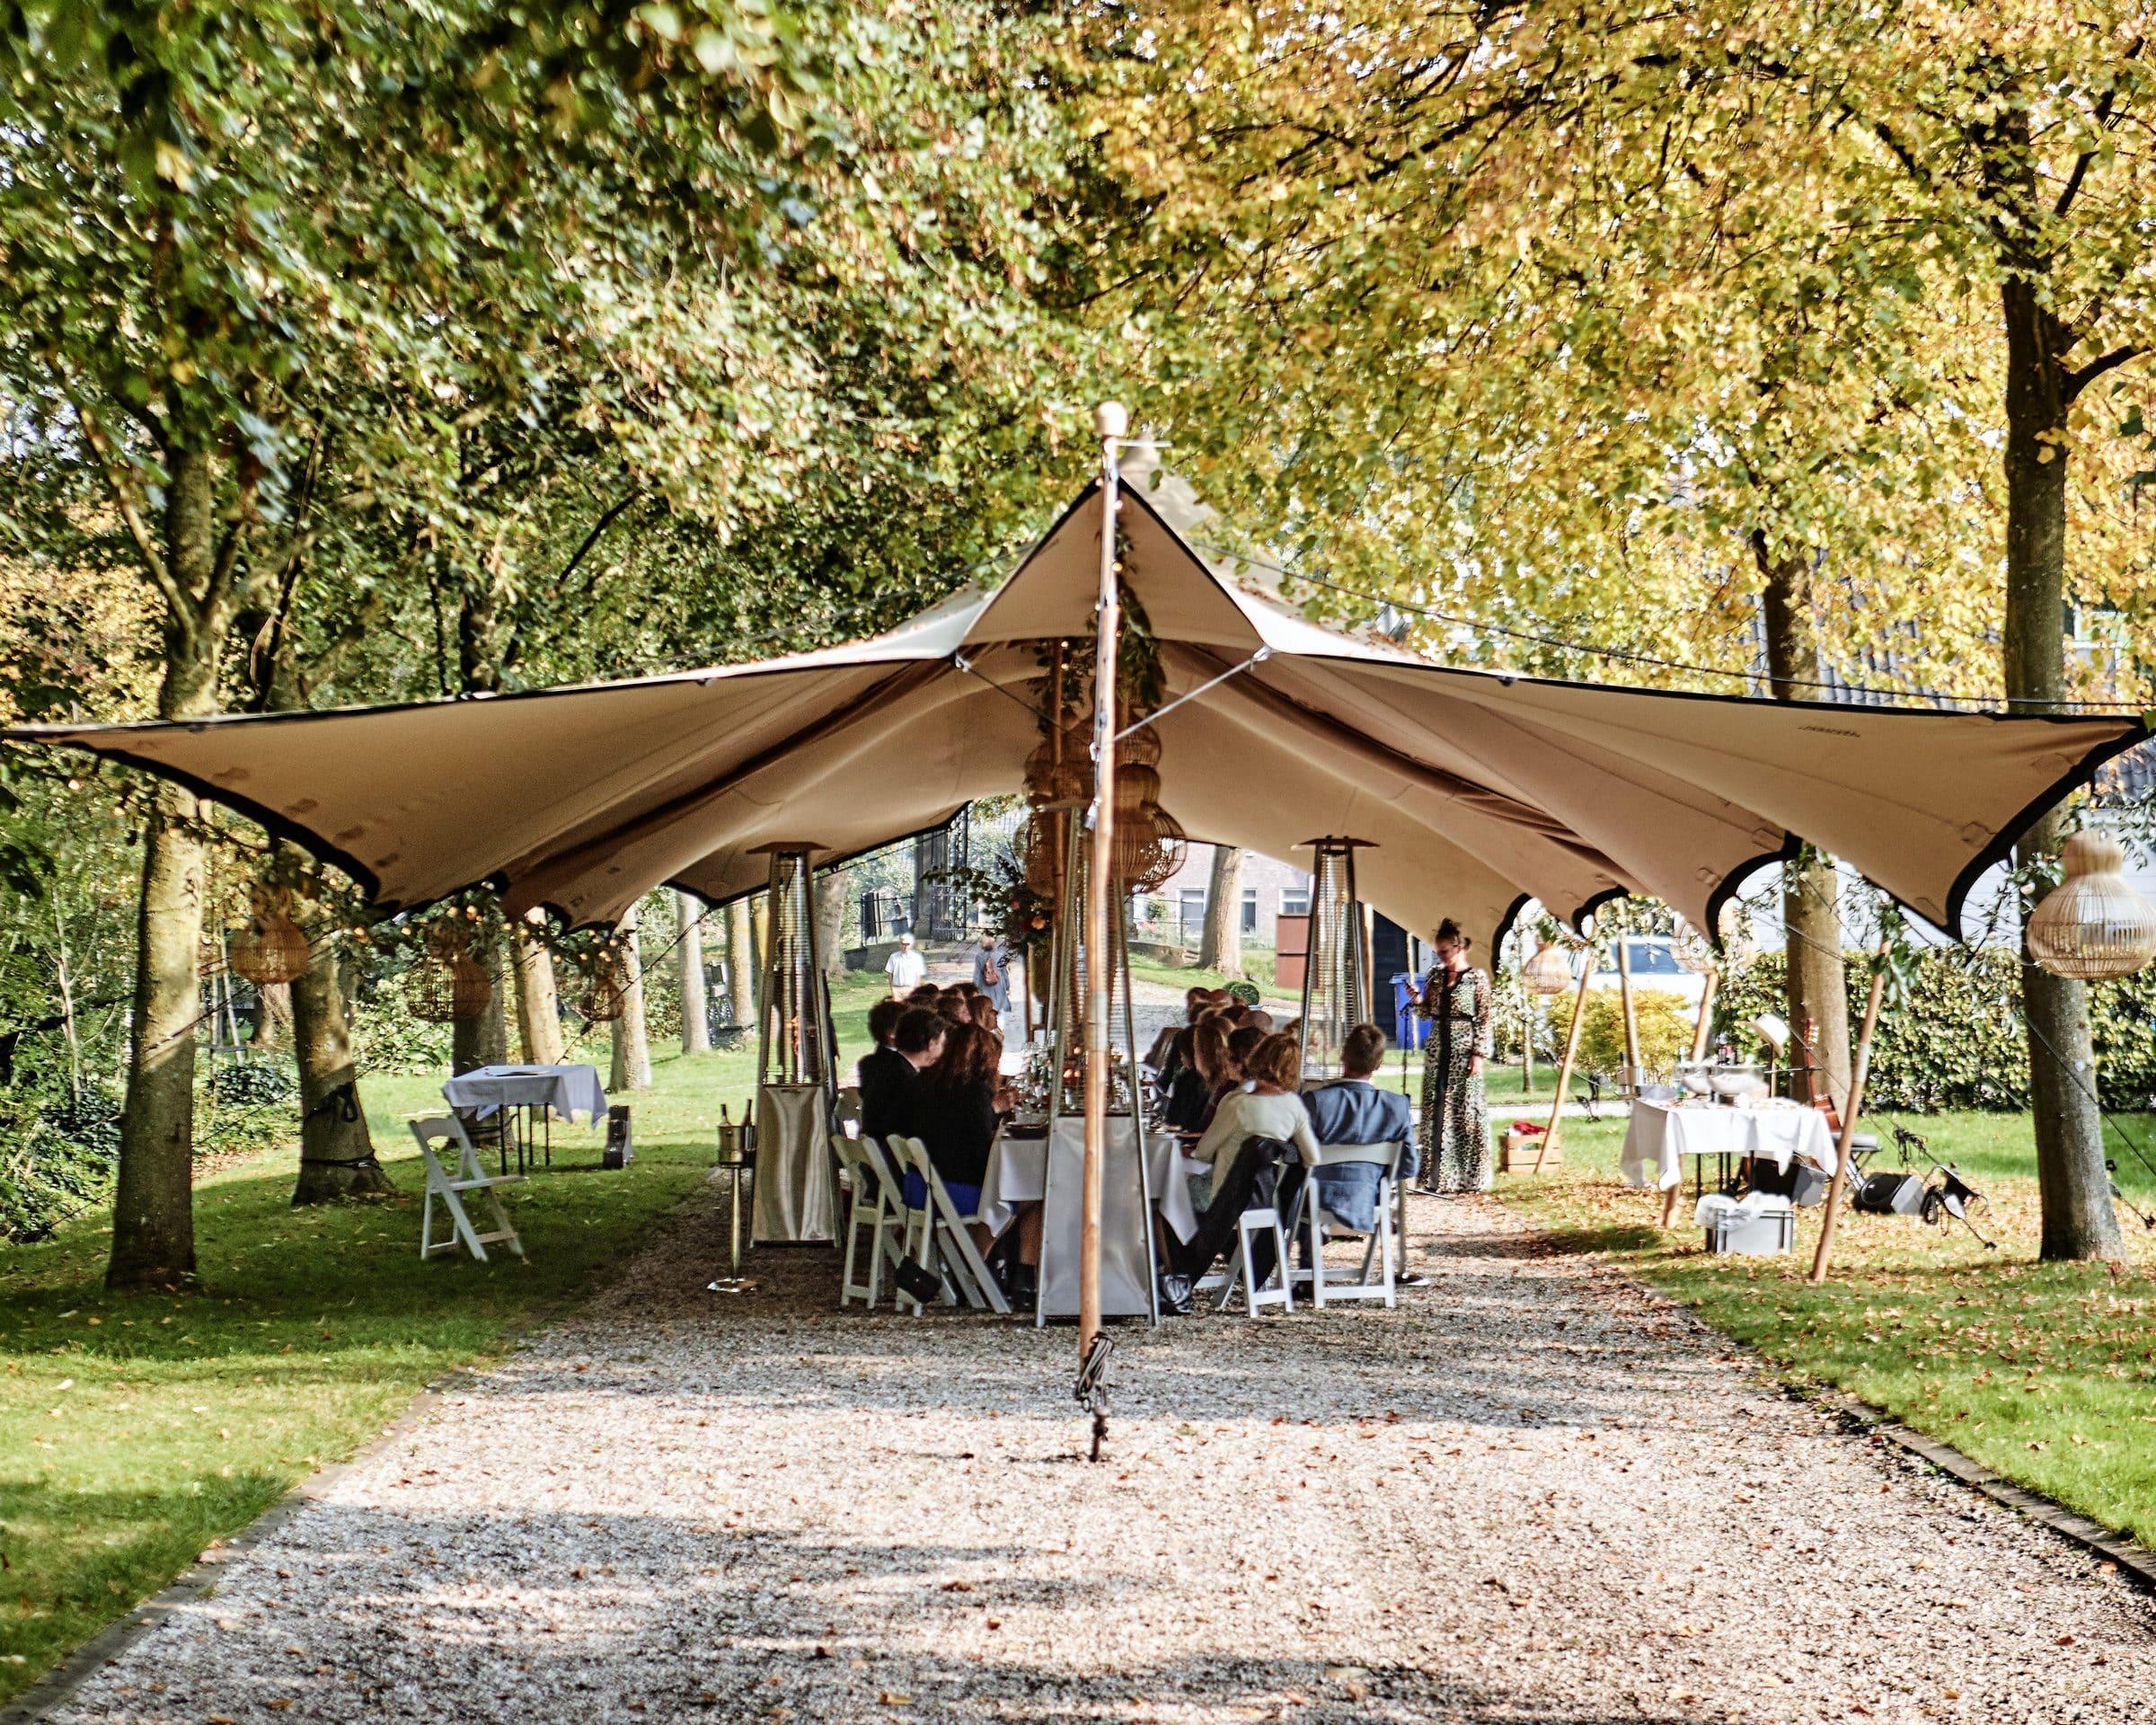 flex-tent-_u9a0606-kopie